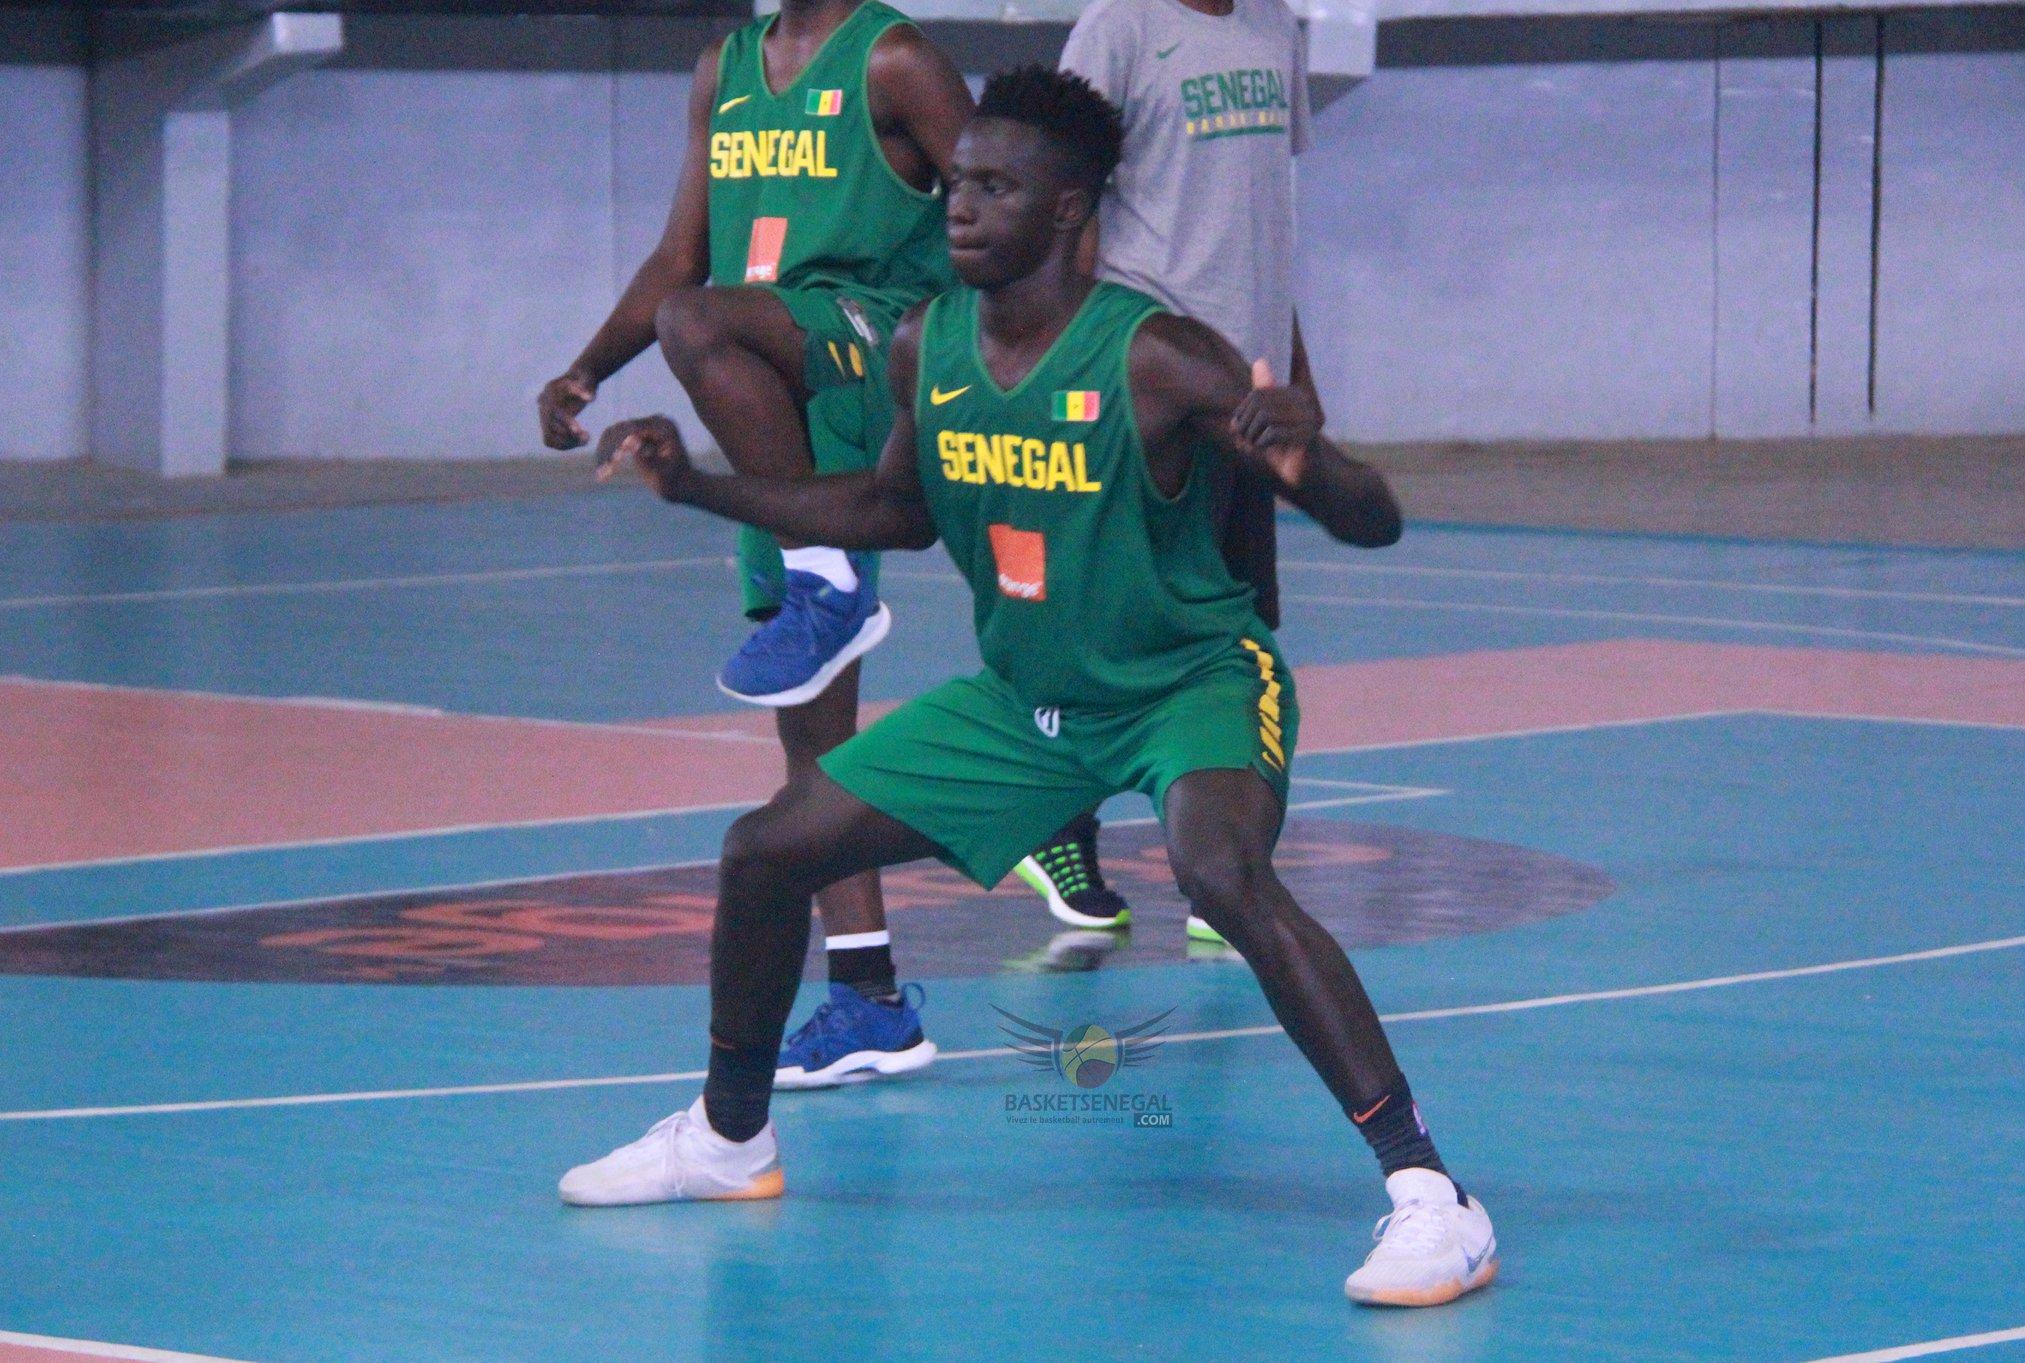 - Une personne tenant un ballon de football sur un terrain - Mouvements de basket